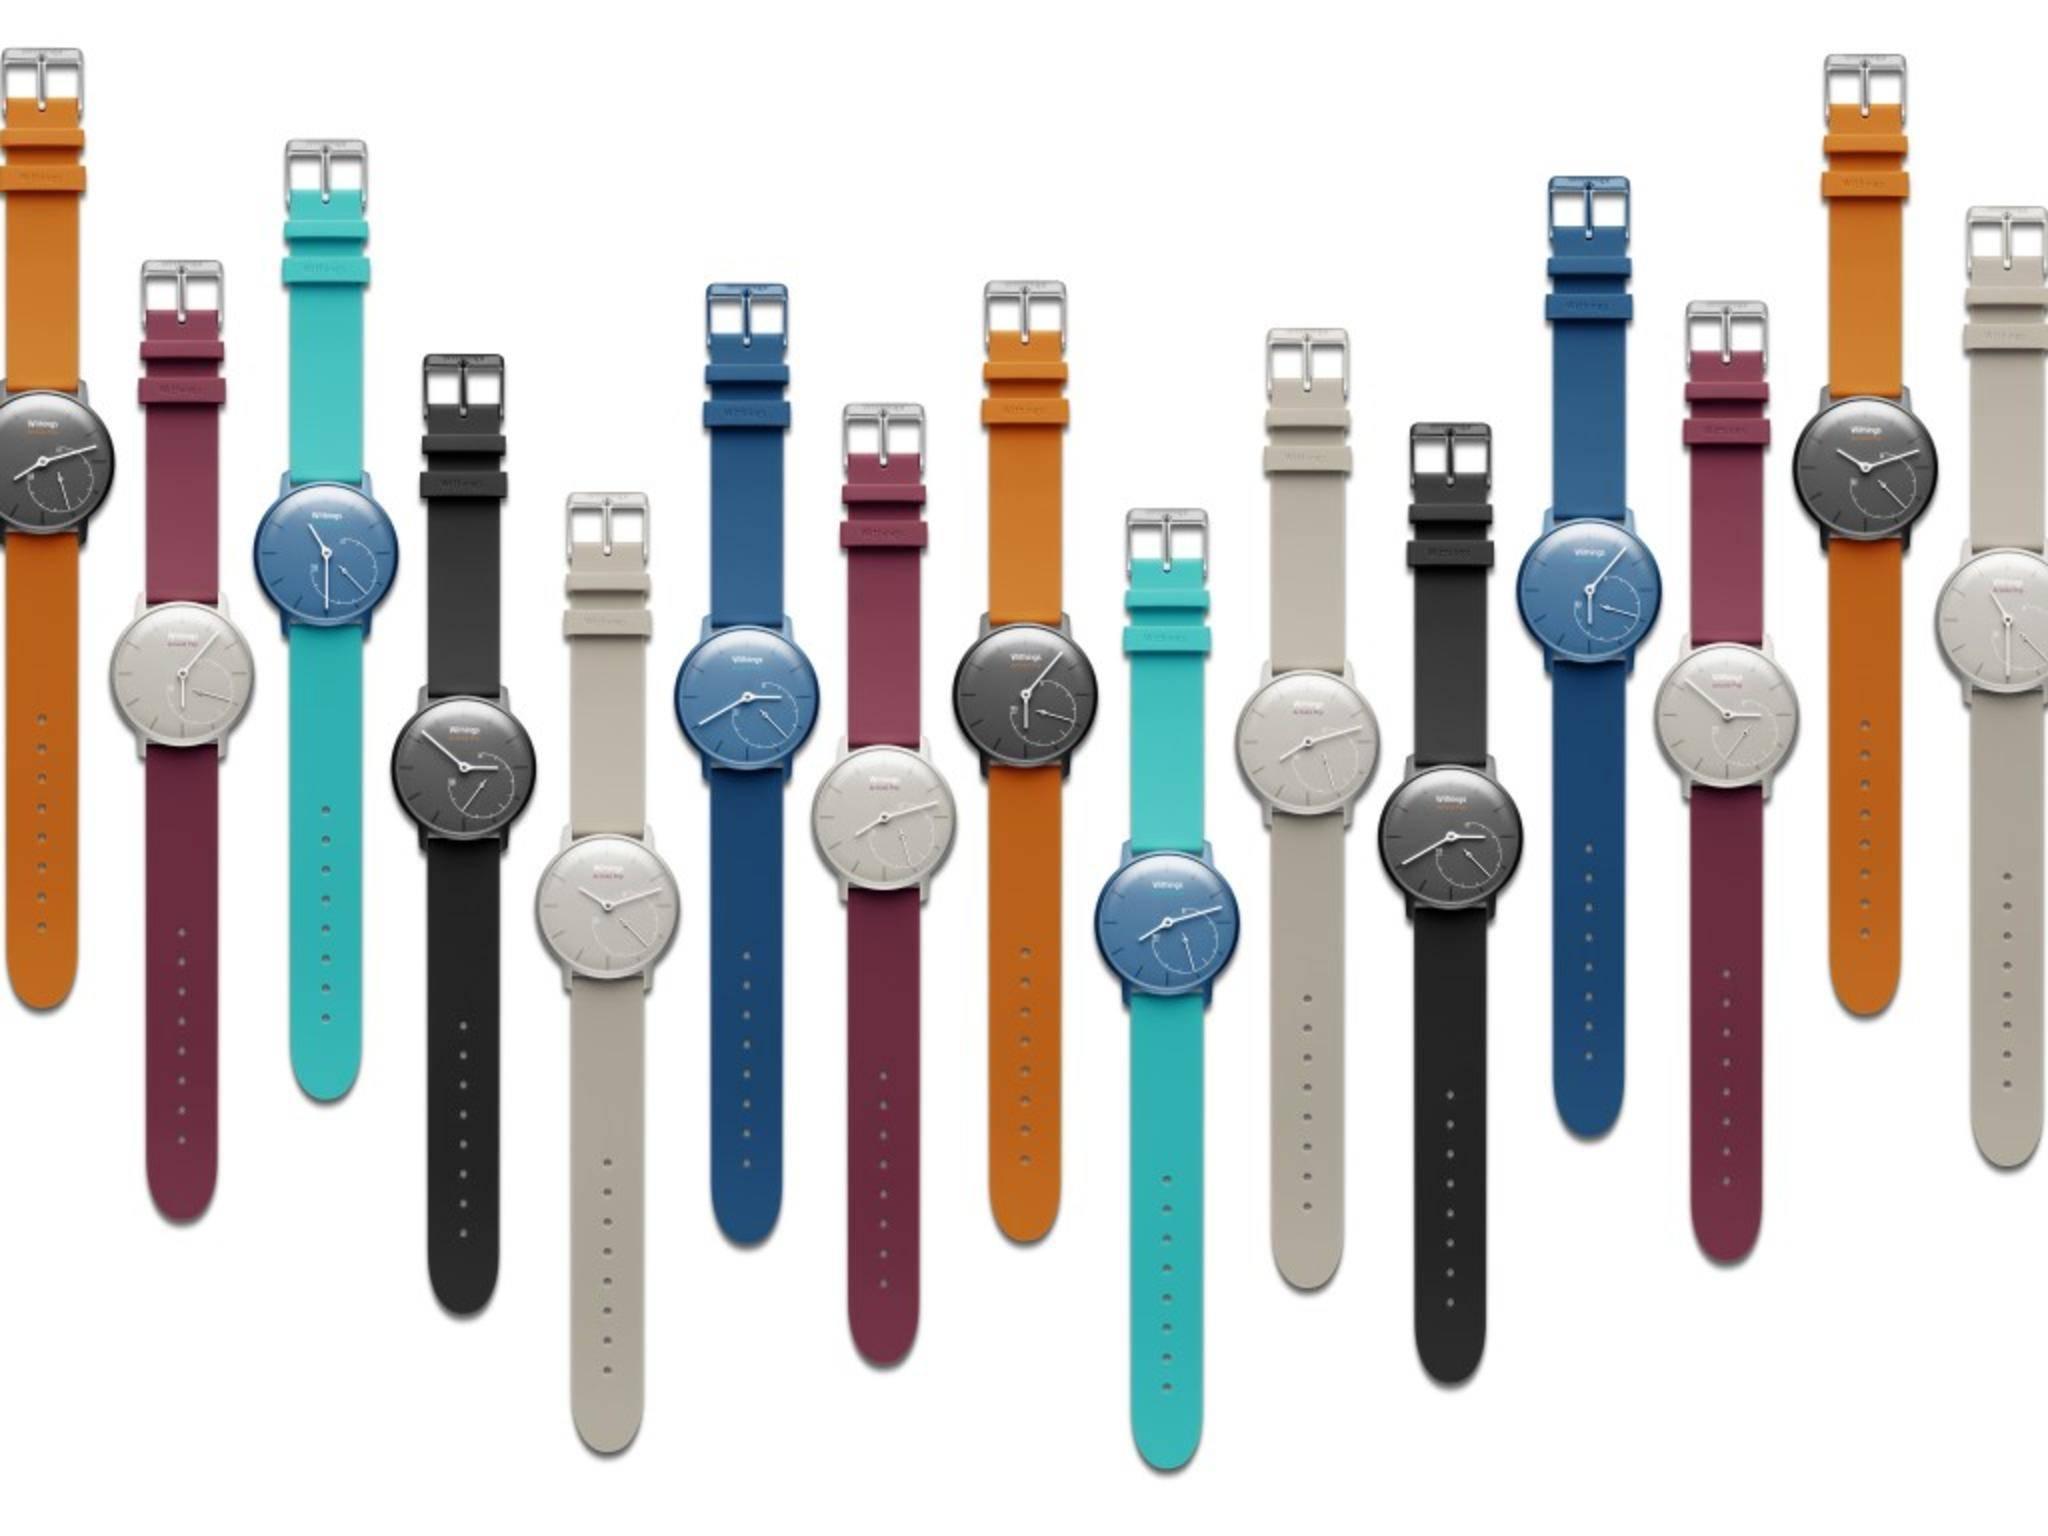 Für die Withings Activité Pop stehen viele knallige Armbandfarben zur Auswahl.